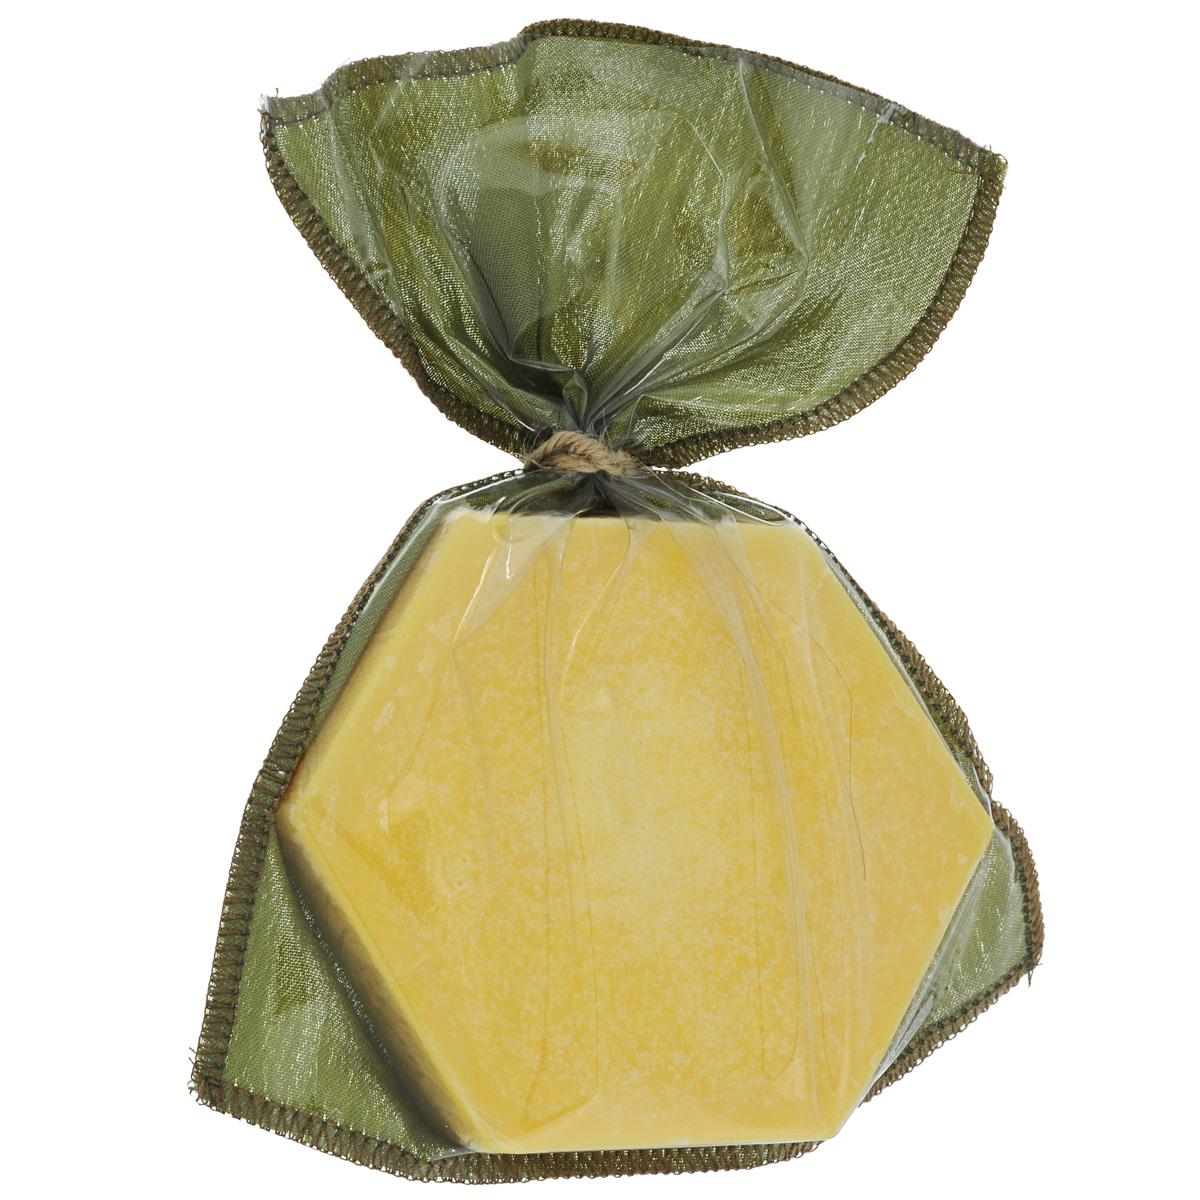 Зейтун Твёрдое массажное масло для тела №4 Лифтинг, 100 гZ3504Защищает кожу от растяжек и потери эластичности, стимулирует обменные процессы, способствуя интенсивной регенерации. Увлажняет и питает кожу, поддерживая водный баланс и помогает создавать собственный липидный барьер. Равноценная натуральная альтернатива крему или молочку для тела. Быстро впитывается и не оставляет следов на одежде.